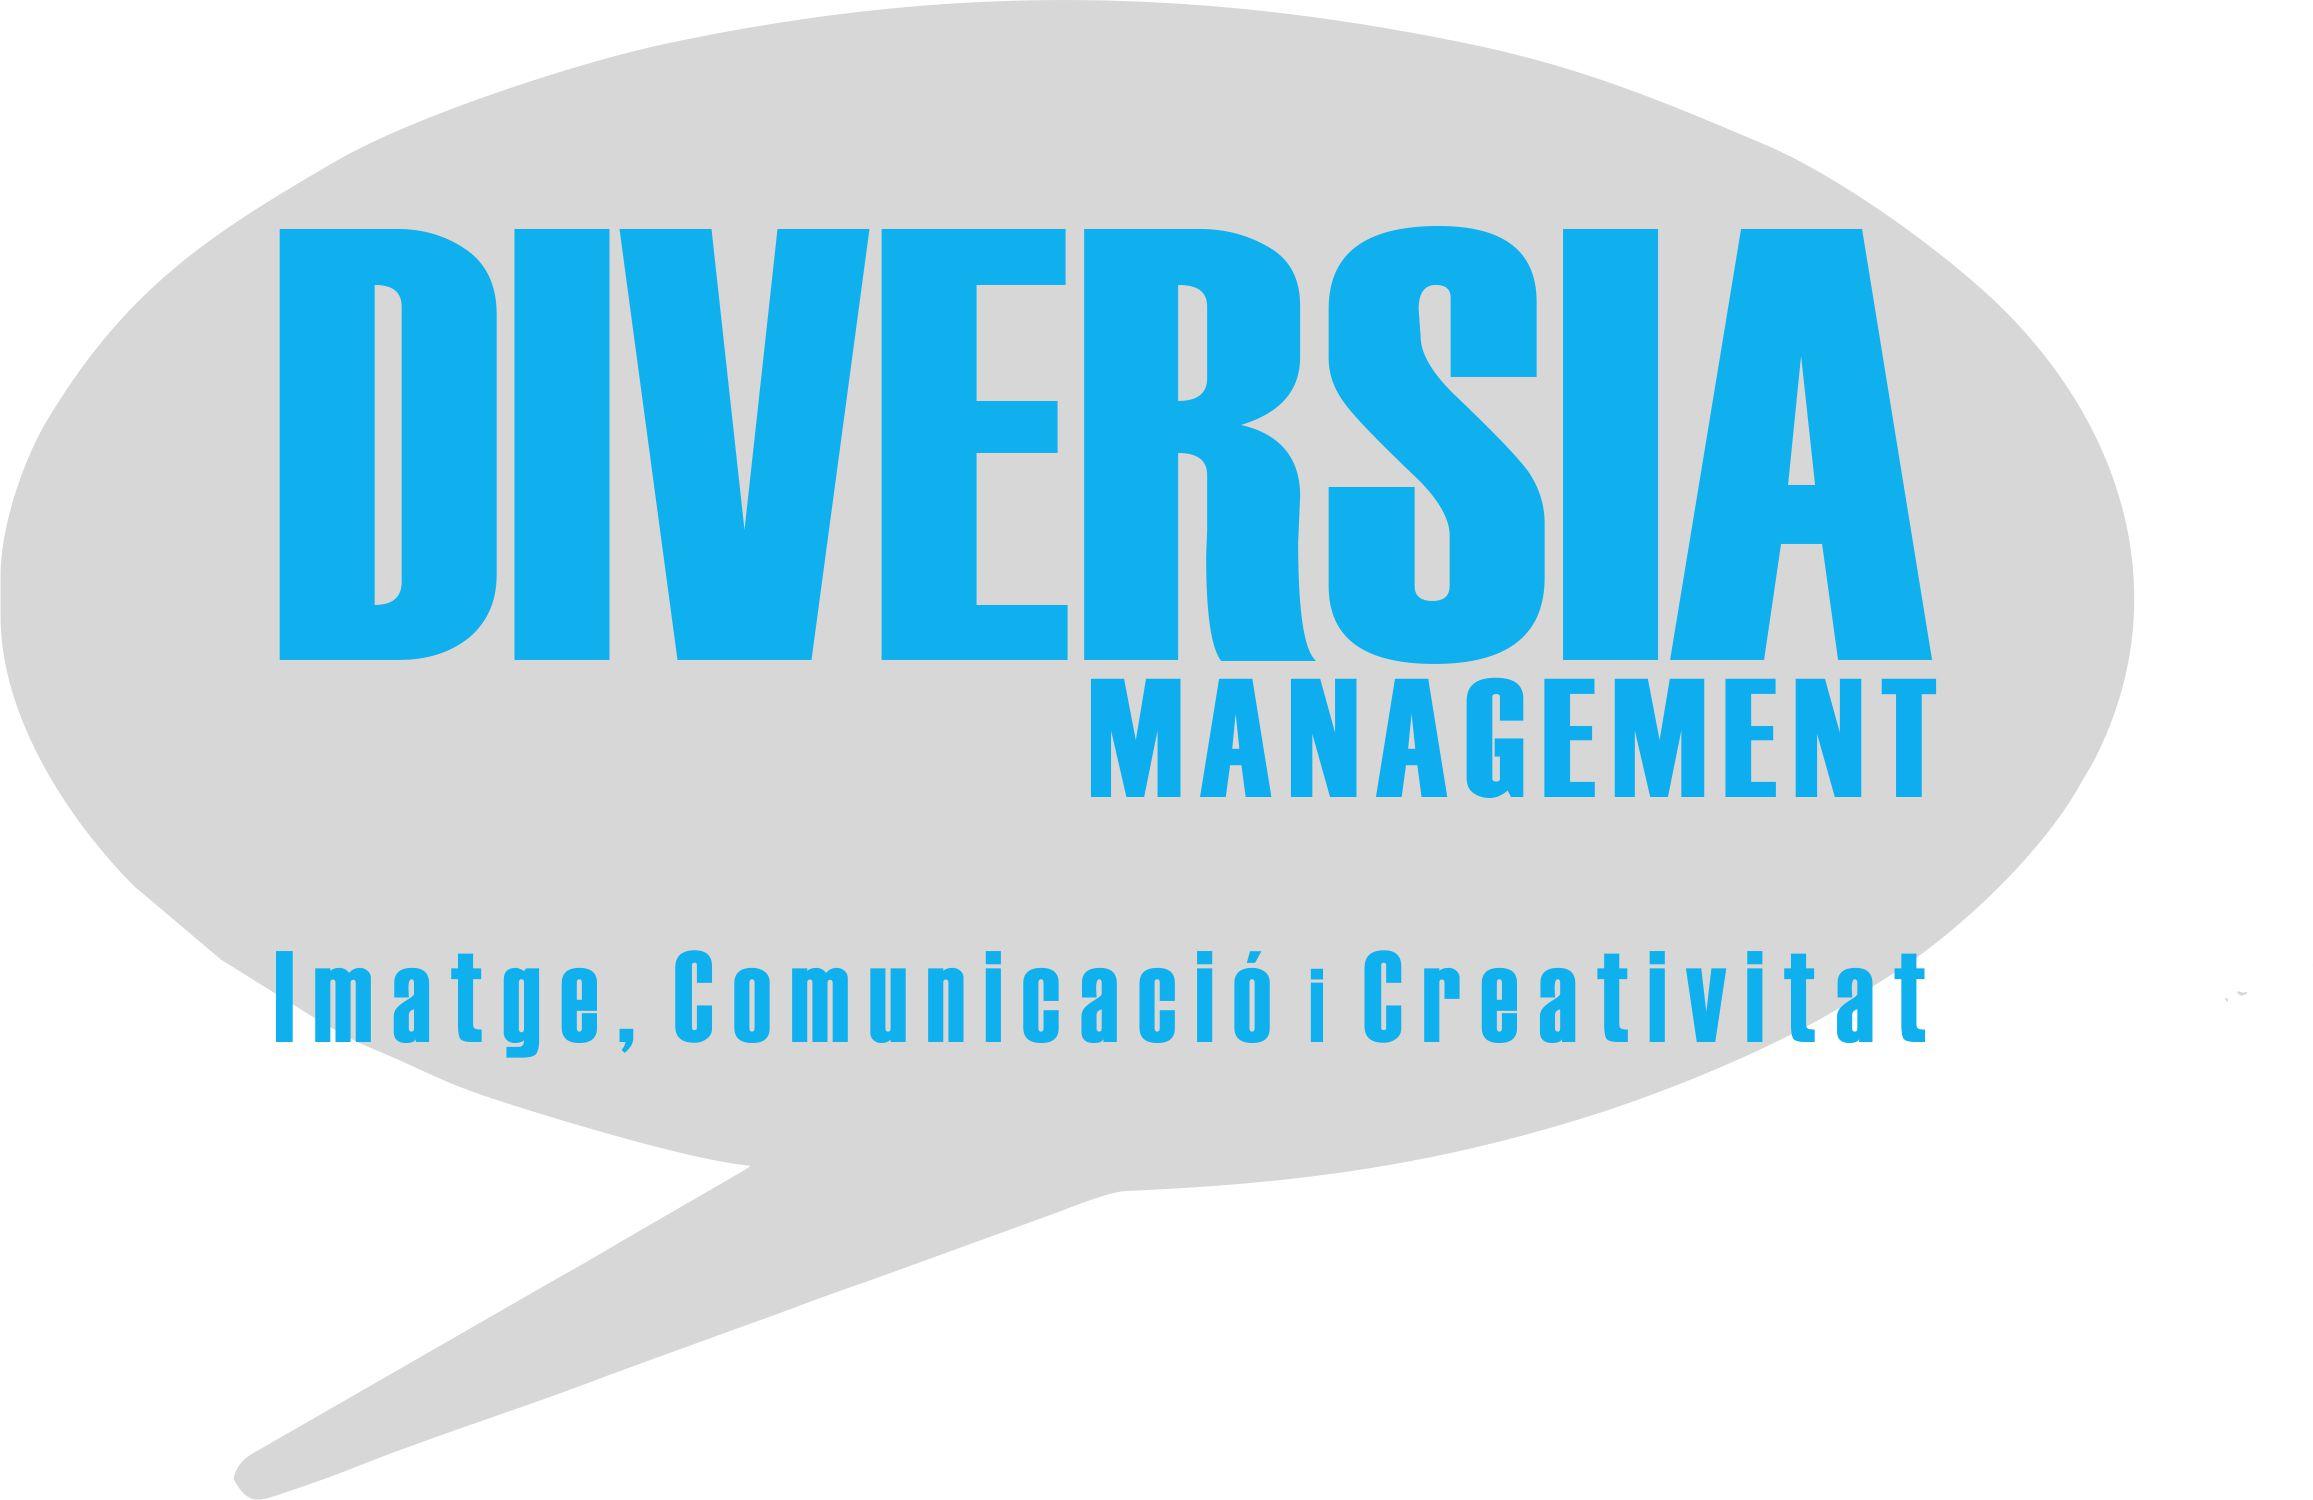 DIVERSIA<br>Management en Imagen, Comunicación y Creatividad